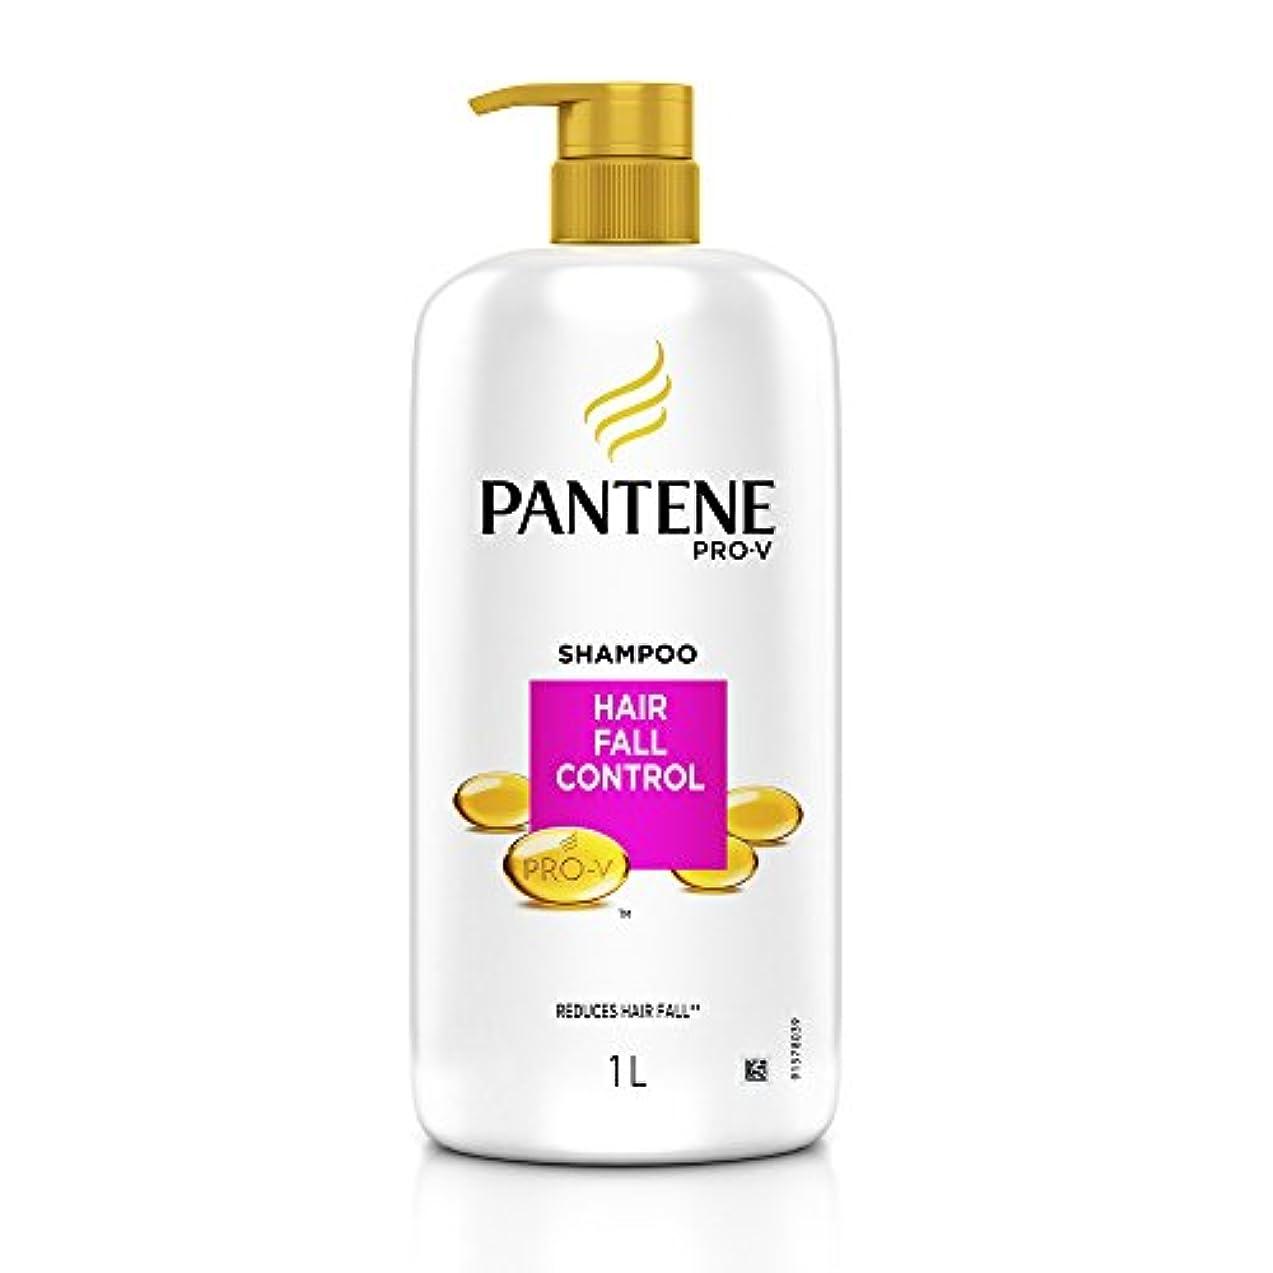 アンカーラフト繁栄PANTENE Hair Fall control SHAMPOO 1 Ltr. (PANTENEヘアフォールコントロールSHAMPOO 1 Ltr。)